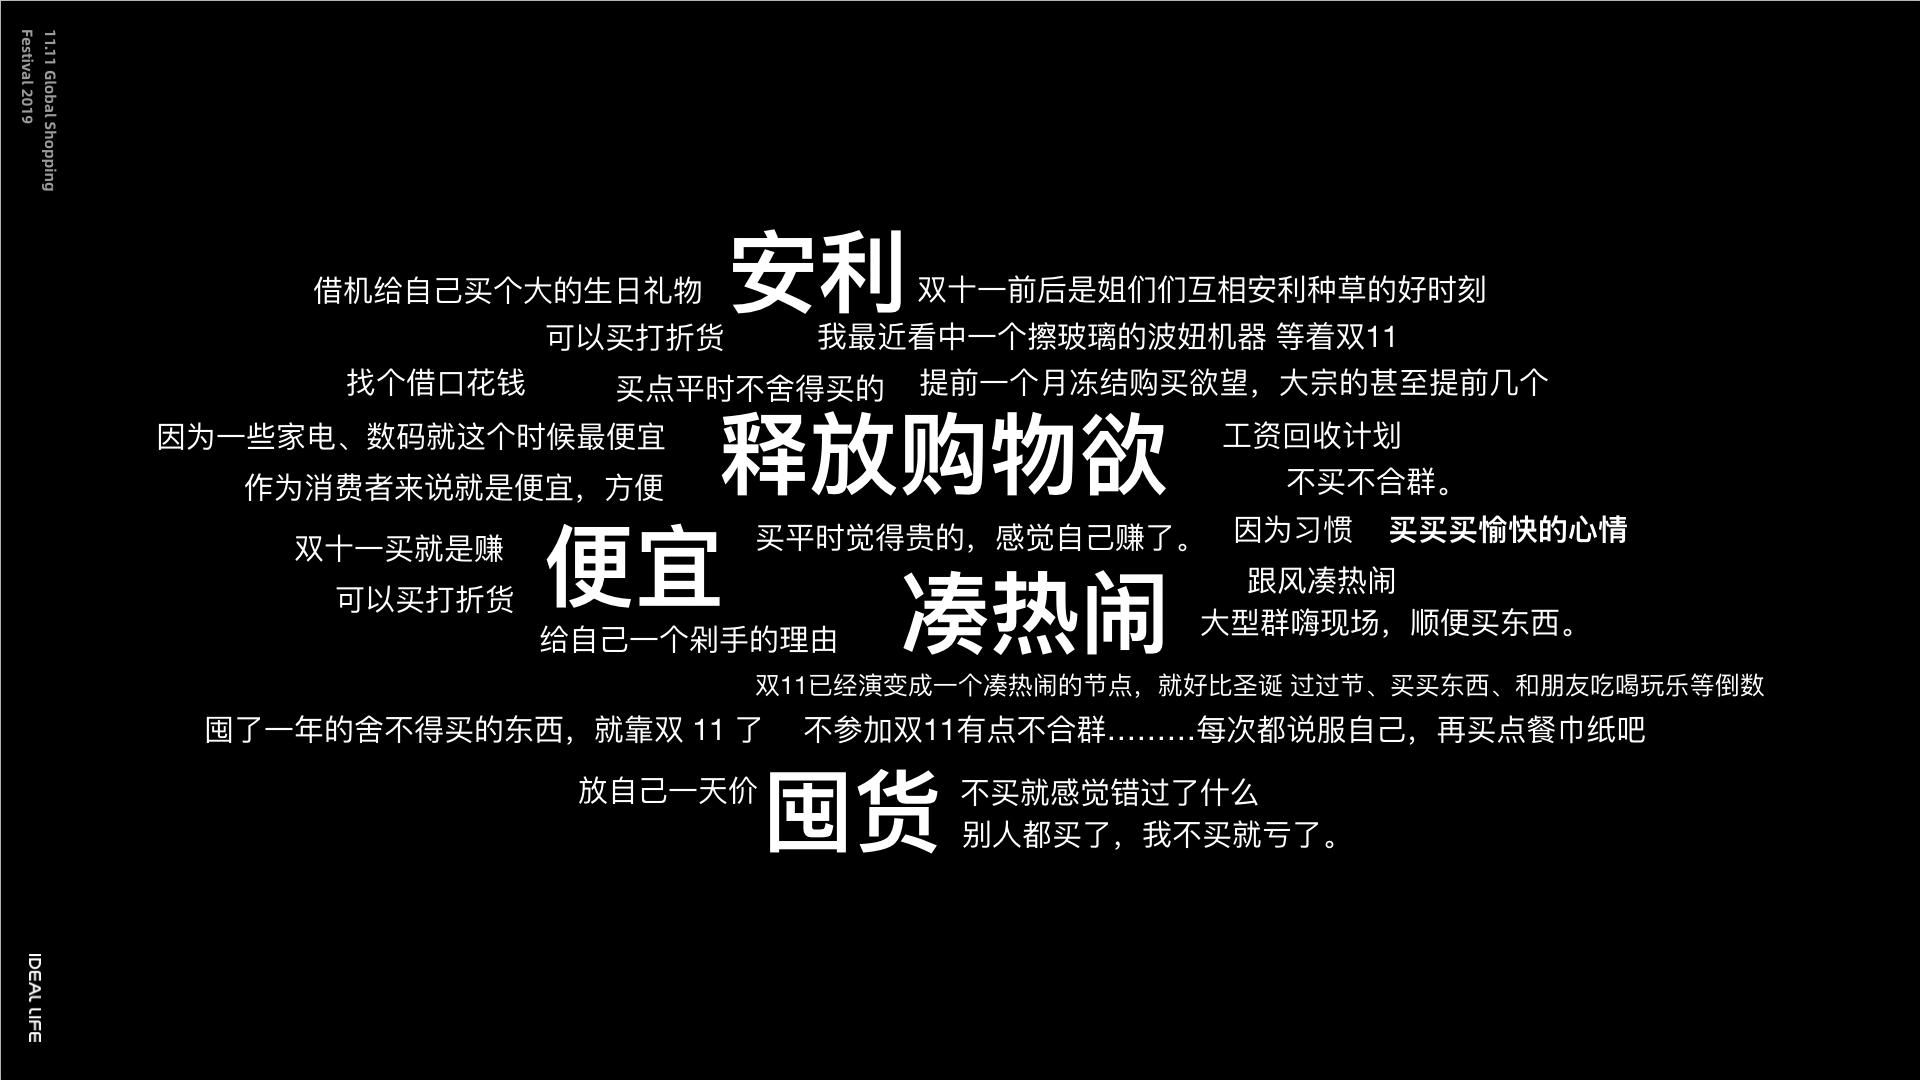 2019天猫双十一品牌设计背后的故事插图3